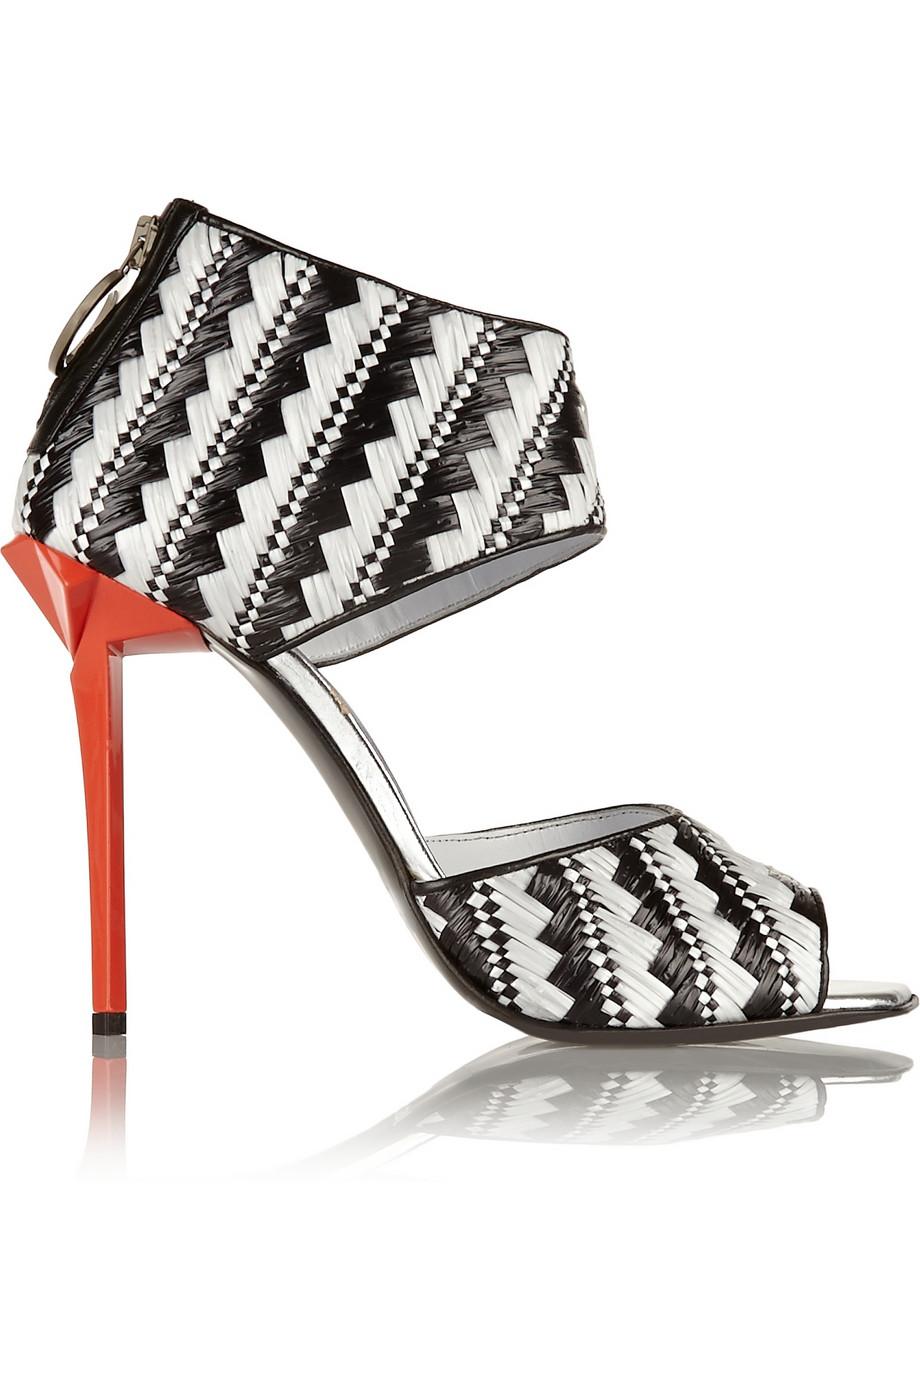 Just Cavalli Raffia Sandals $262.50